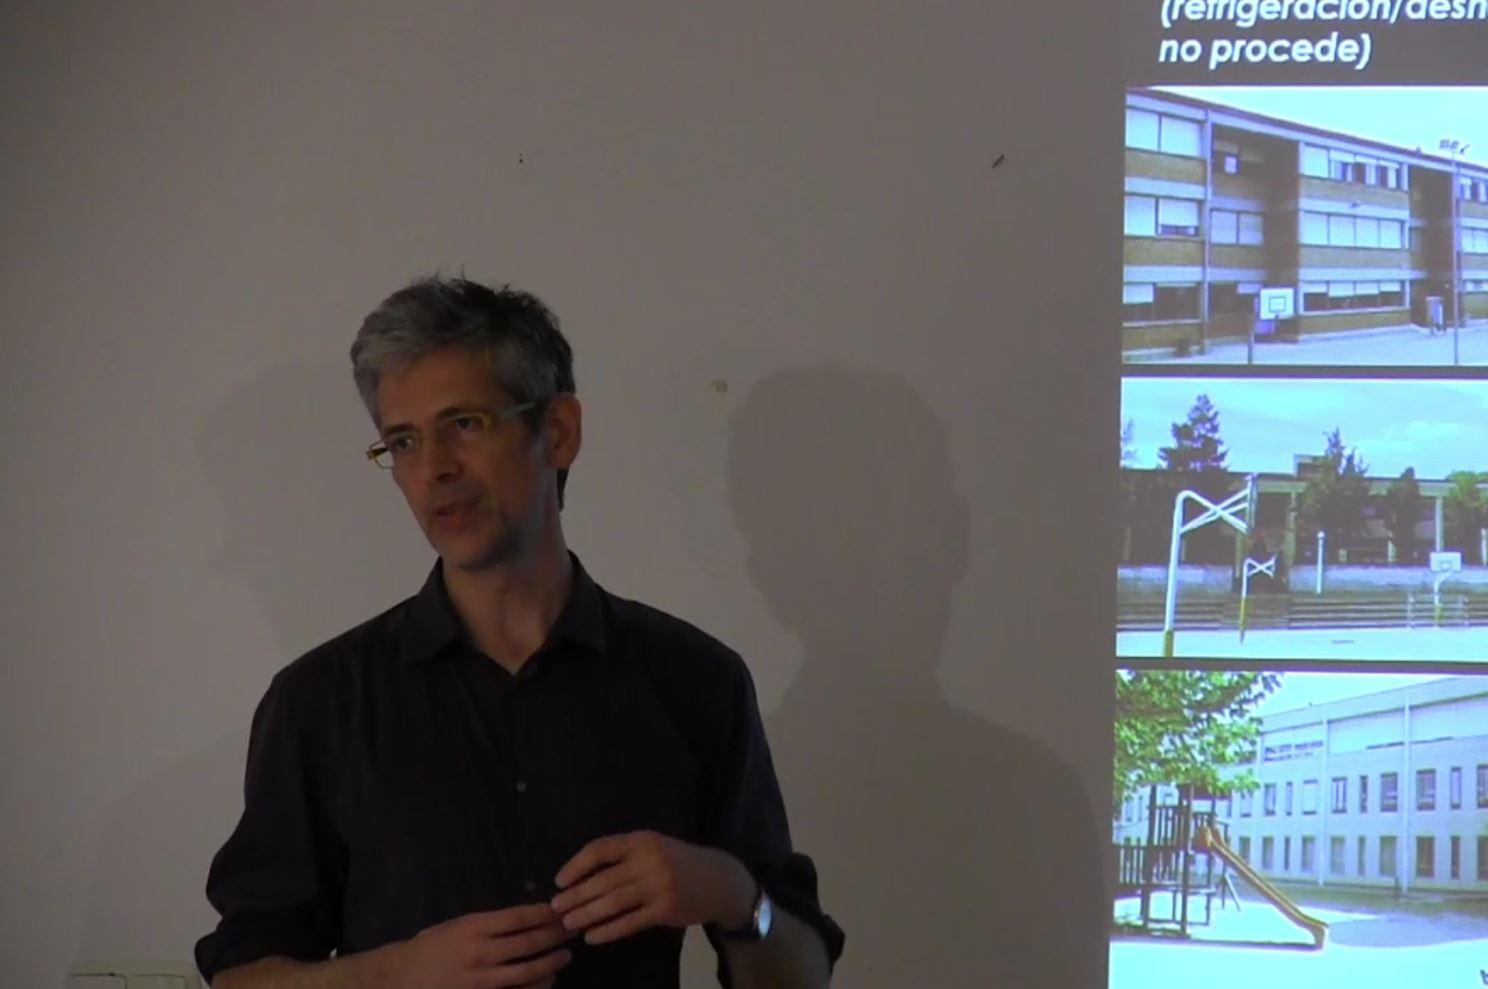 imagen 2 de noticia: xito-de-asistencia-en-la-jornada-passivhaus-estndar-y-rehabilitacin-organizada-por-el-coavn-kursaal-green-y-energiehaus